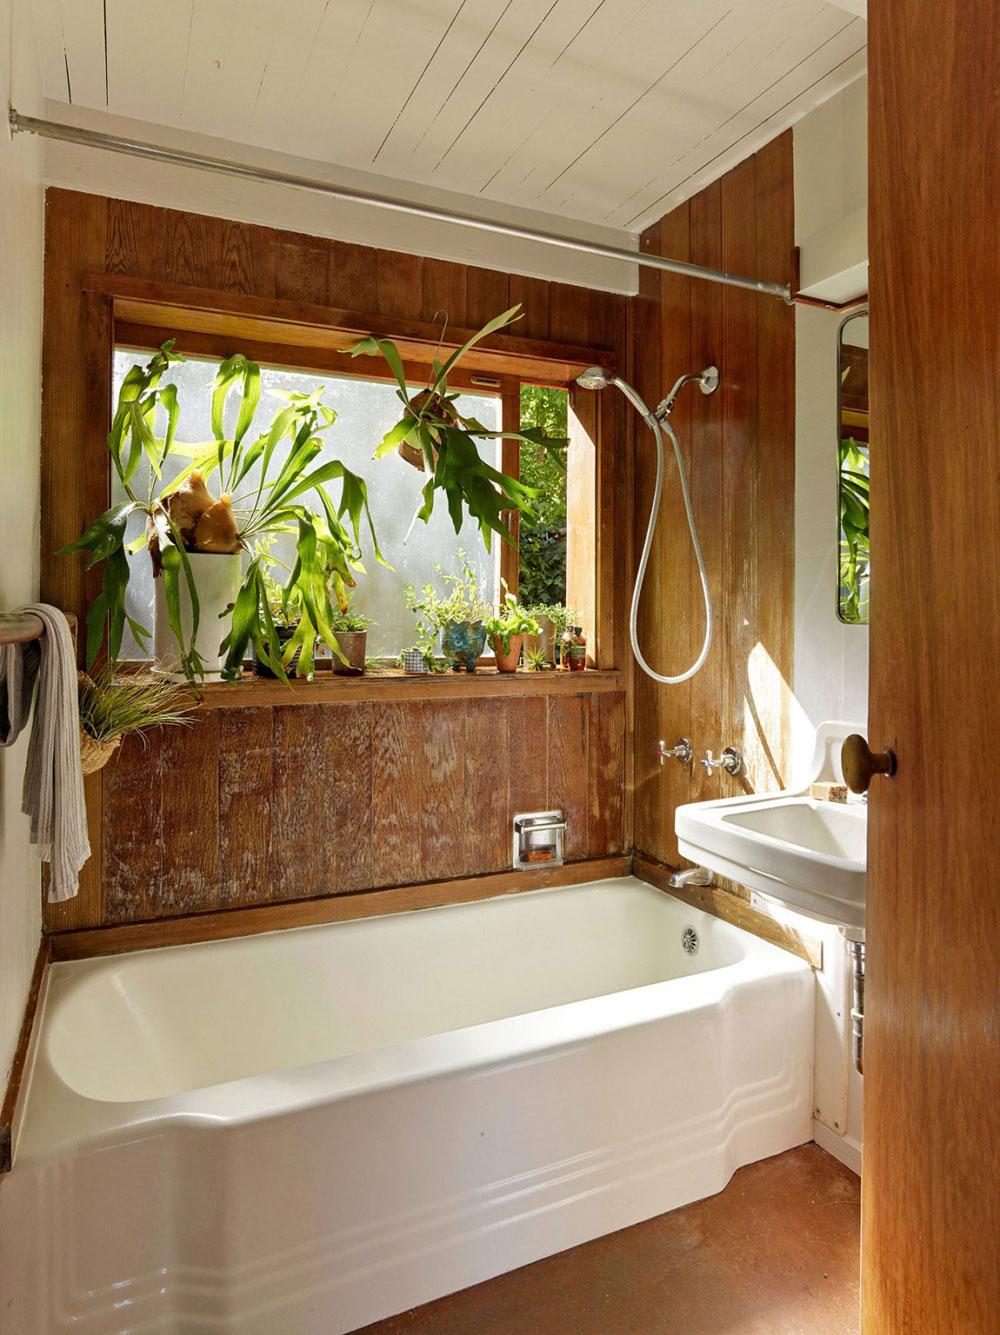 Badrum-interiör-design-foton-nuvarande-vackra-mönster-5 badrum-interiör-foton-nuvarande-vackra-mönster